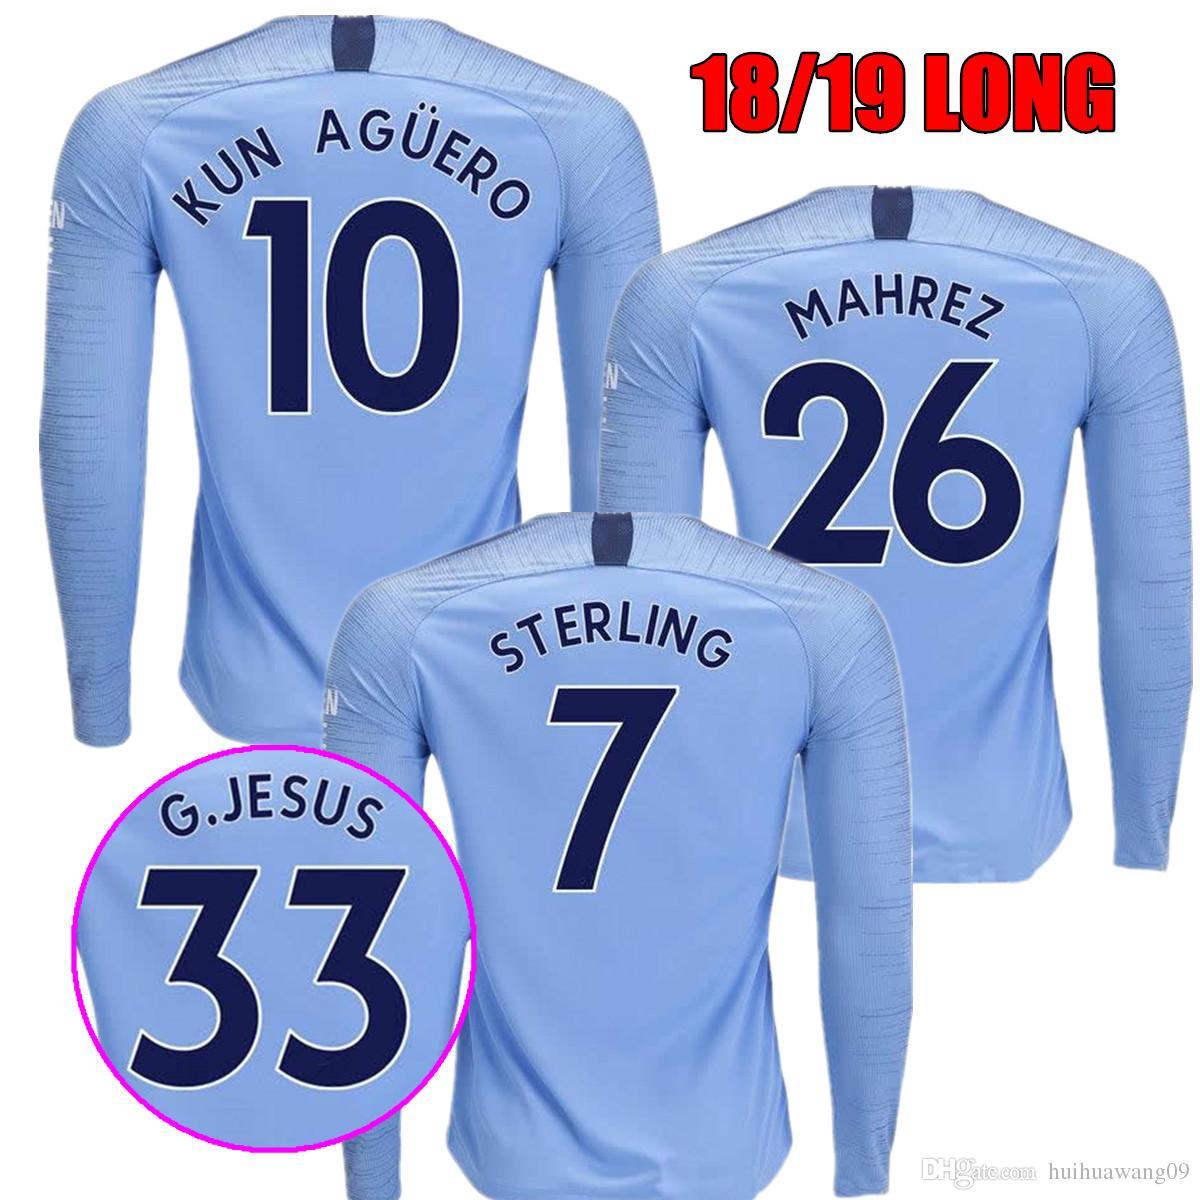 18 19 MAHREZ KUN AGUERO G.JESUS Home Moon Blue Soccer Jersey Long ... d8b87238e5f9a